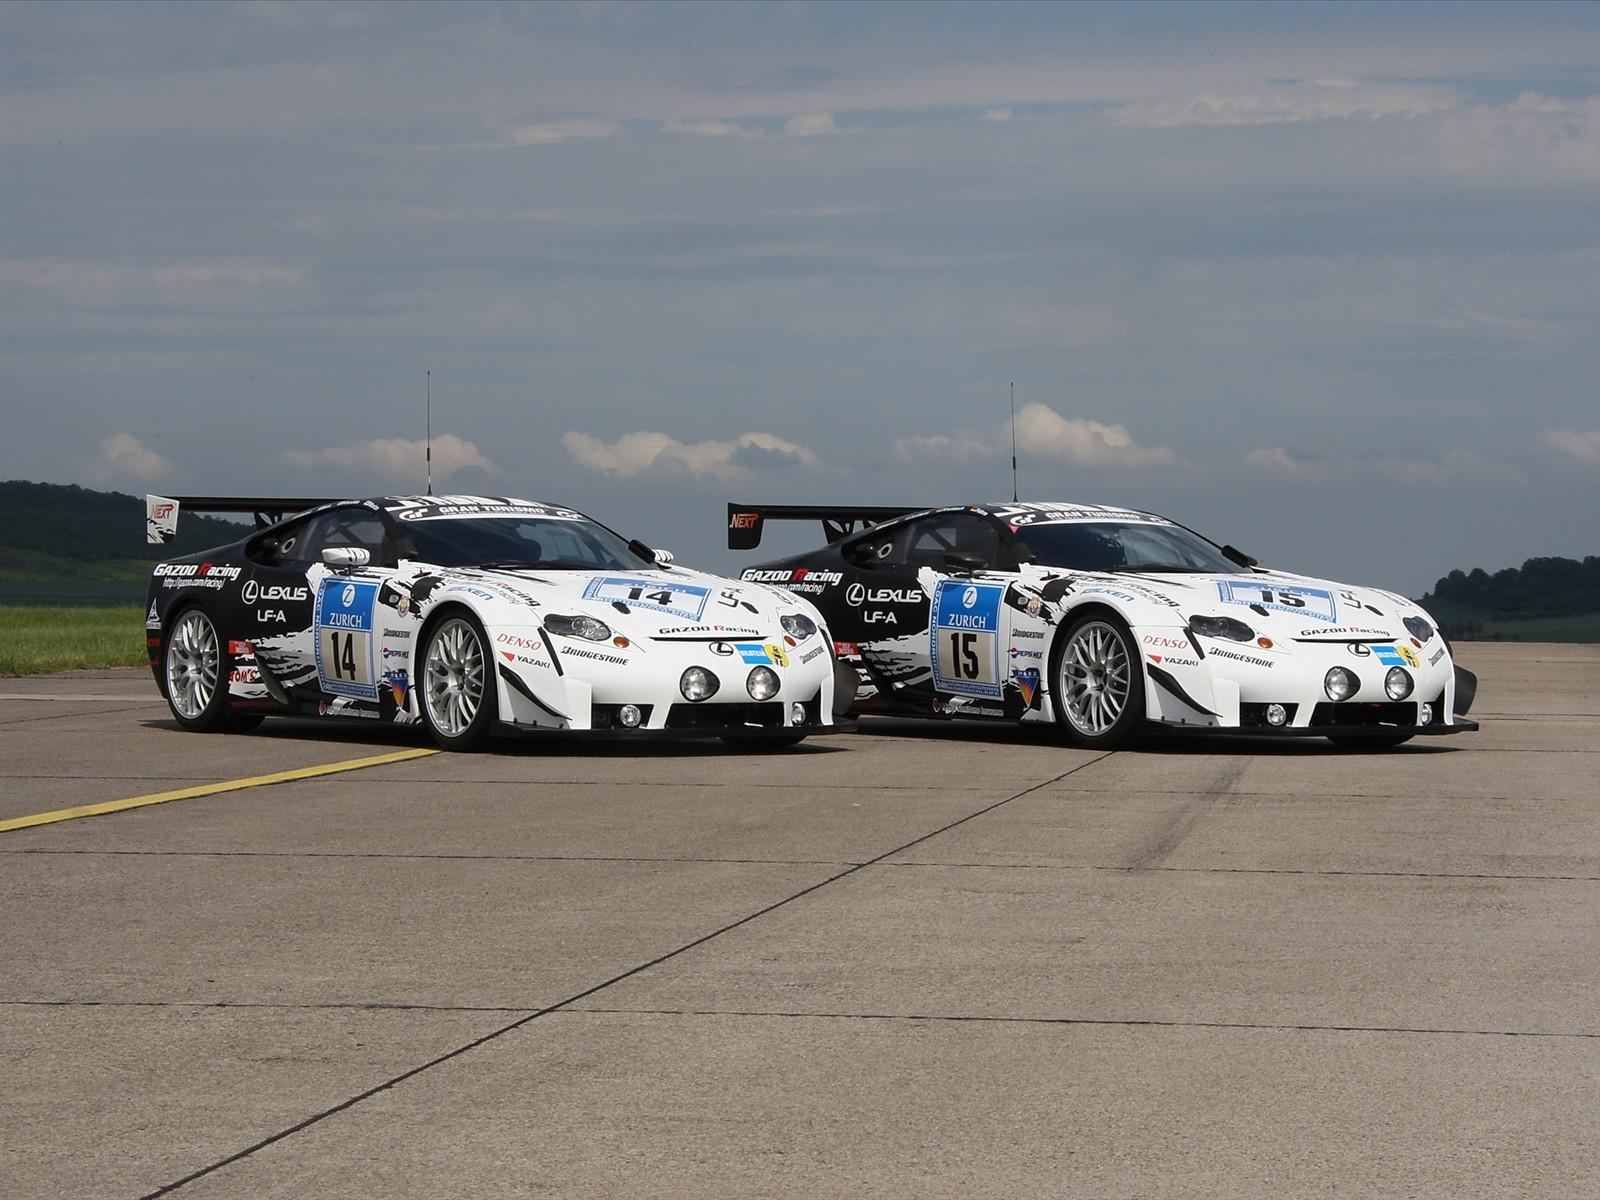 Lexus de carreras - 1600x1200